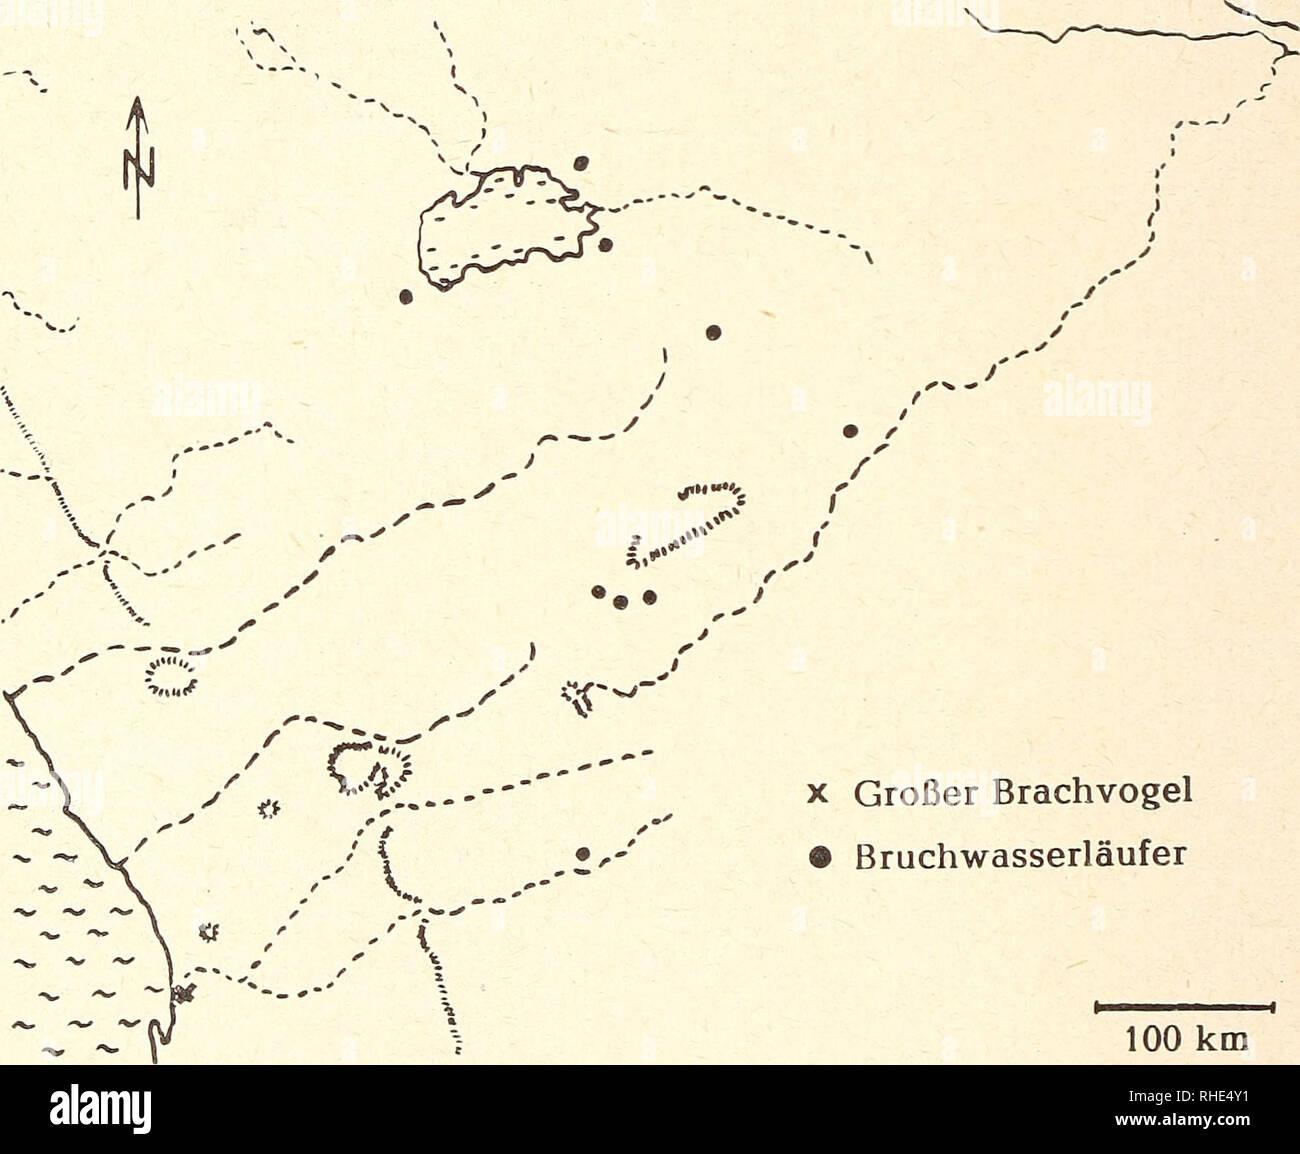 . Bonner zoologische Beiträge : Herausgeber: Zoologisches Forschungsinstitut und Museum Alexander Koenig, Bonn. Biology; Zoology. 54 F. Sauer und E. Sauer Bonn, zool. Beitr. Larö-Limicolae 7. Numenius arquata — Großer Brachvogel, Wurp; Abb. 4 Beobachtungsdaten: Atlantikküste: Am 26. 4. 1958 treffen wir un- gefähr 6 km südlich Swakopmund auf einen Trupp von 5 Tieren. Entlang der Flut- grenze suchen sie im Strandanspül emsig nach Nahrung. Wahrscheinlich waren diese Brachvögel bereits auf dem Rückzug nach N, und möglicherweise blockier- ten der völlig wolkenverhangene Himmel und die Kälte den Zug - Stock Image